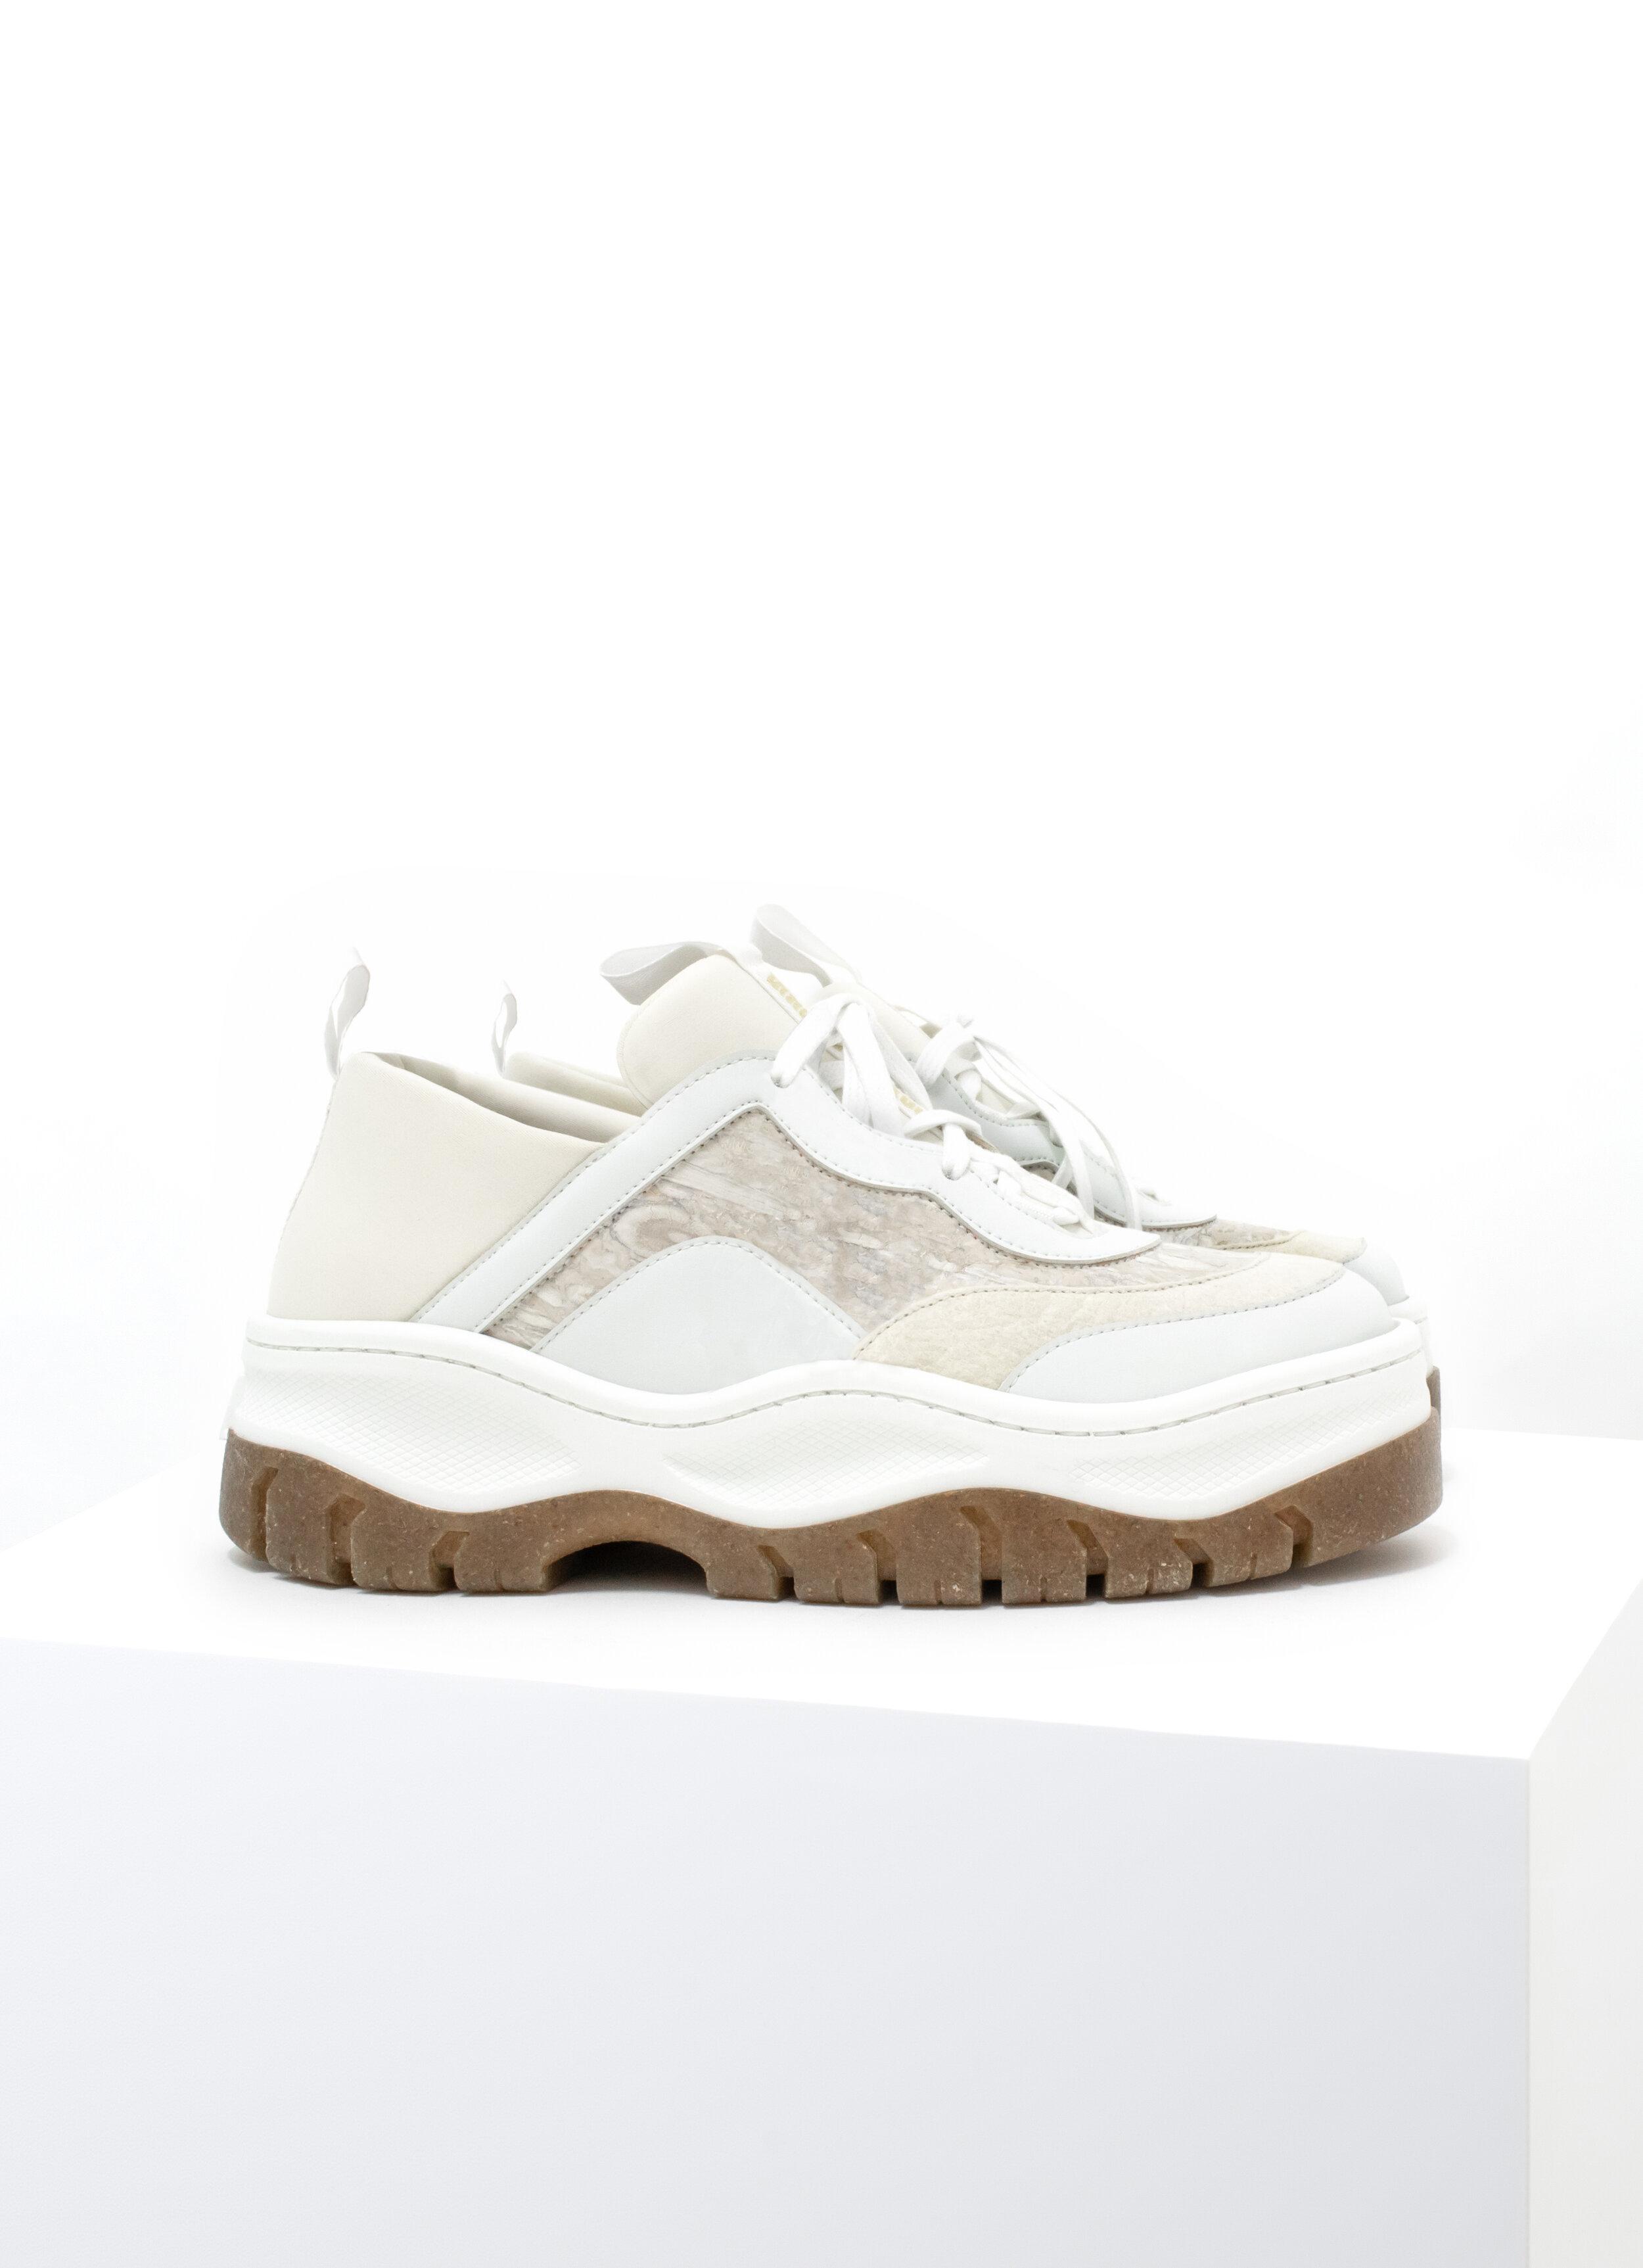 Rice Rave Sneaker White.jpg